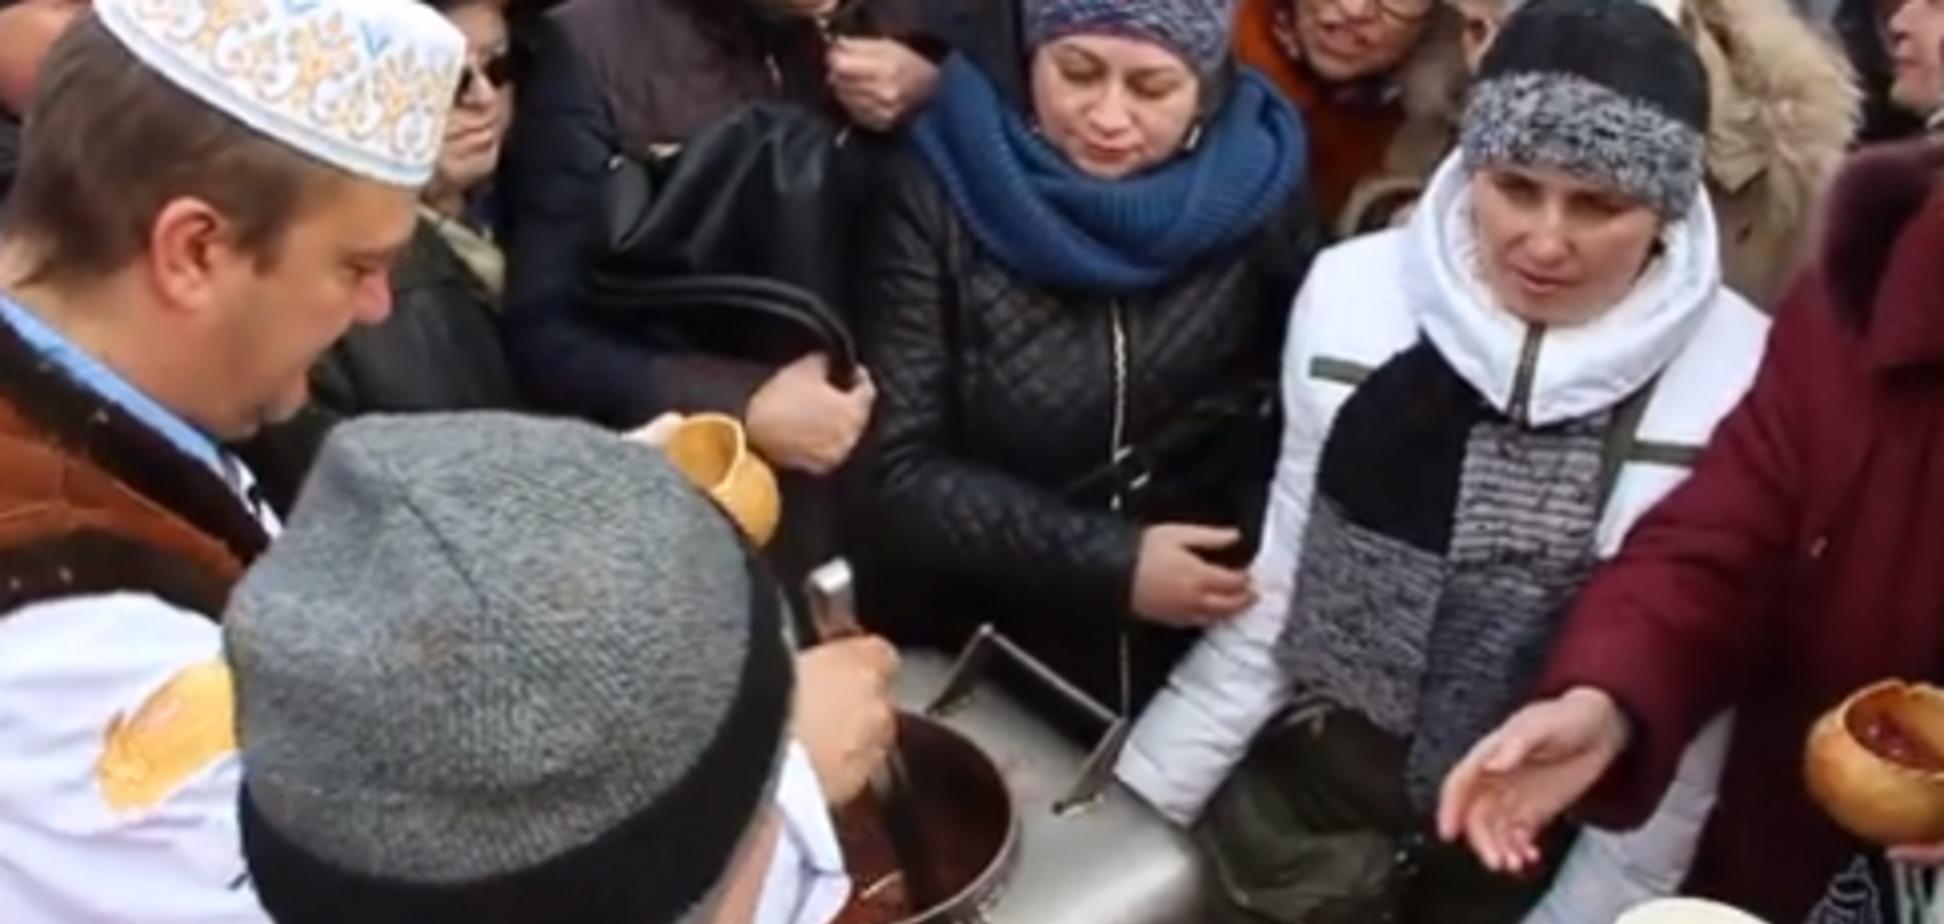 В Полтаве устроили потасовку из-за уличной еды: красноречивое видео